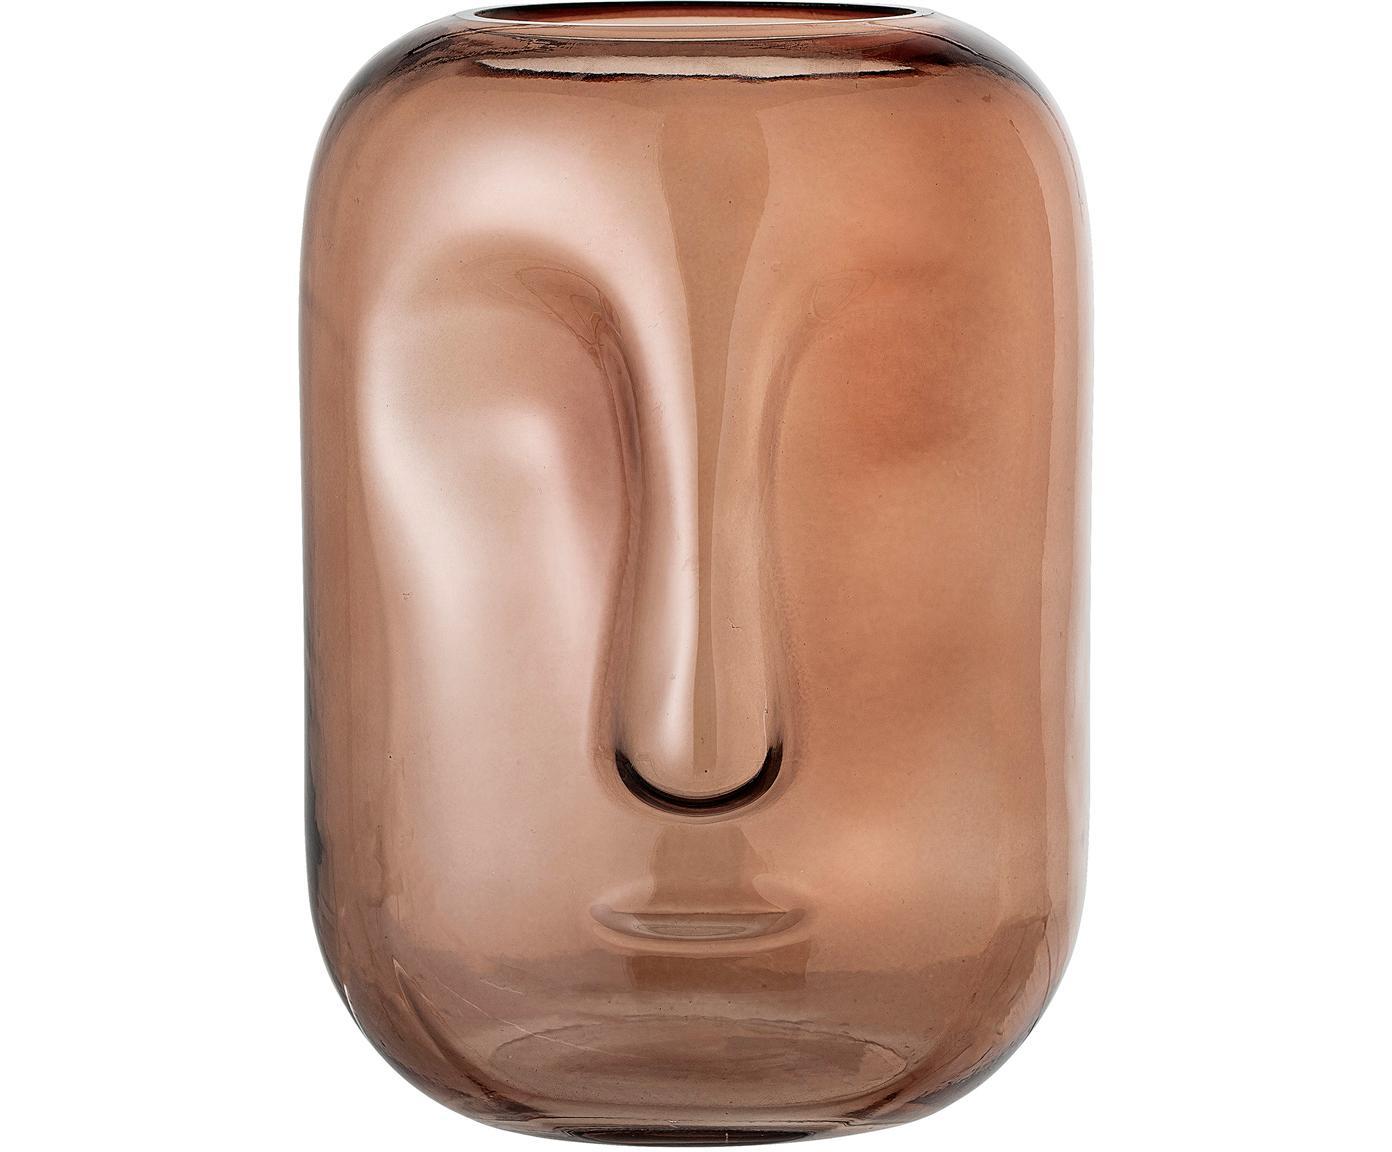 Jarrón  de vidrio Face, Vidrio, Marrón, transparente, Ø 18 x Al 25 cm